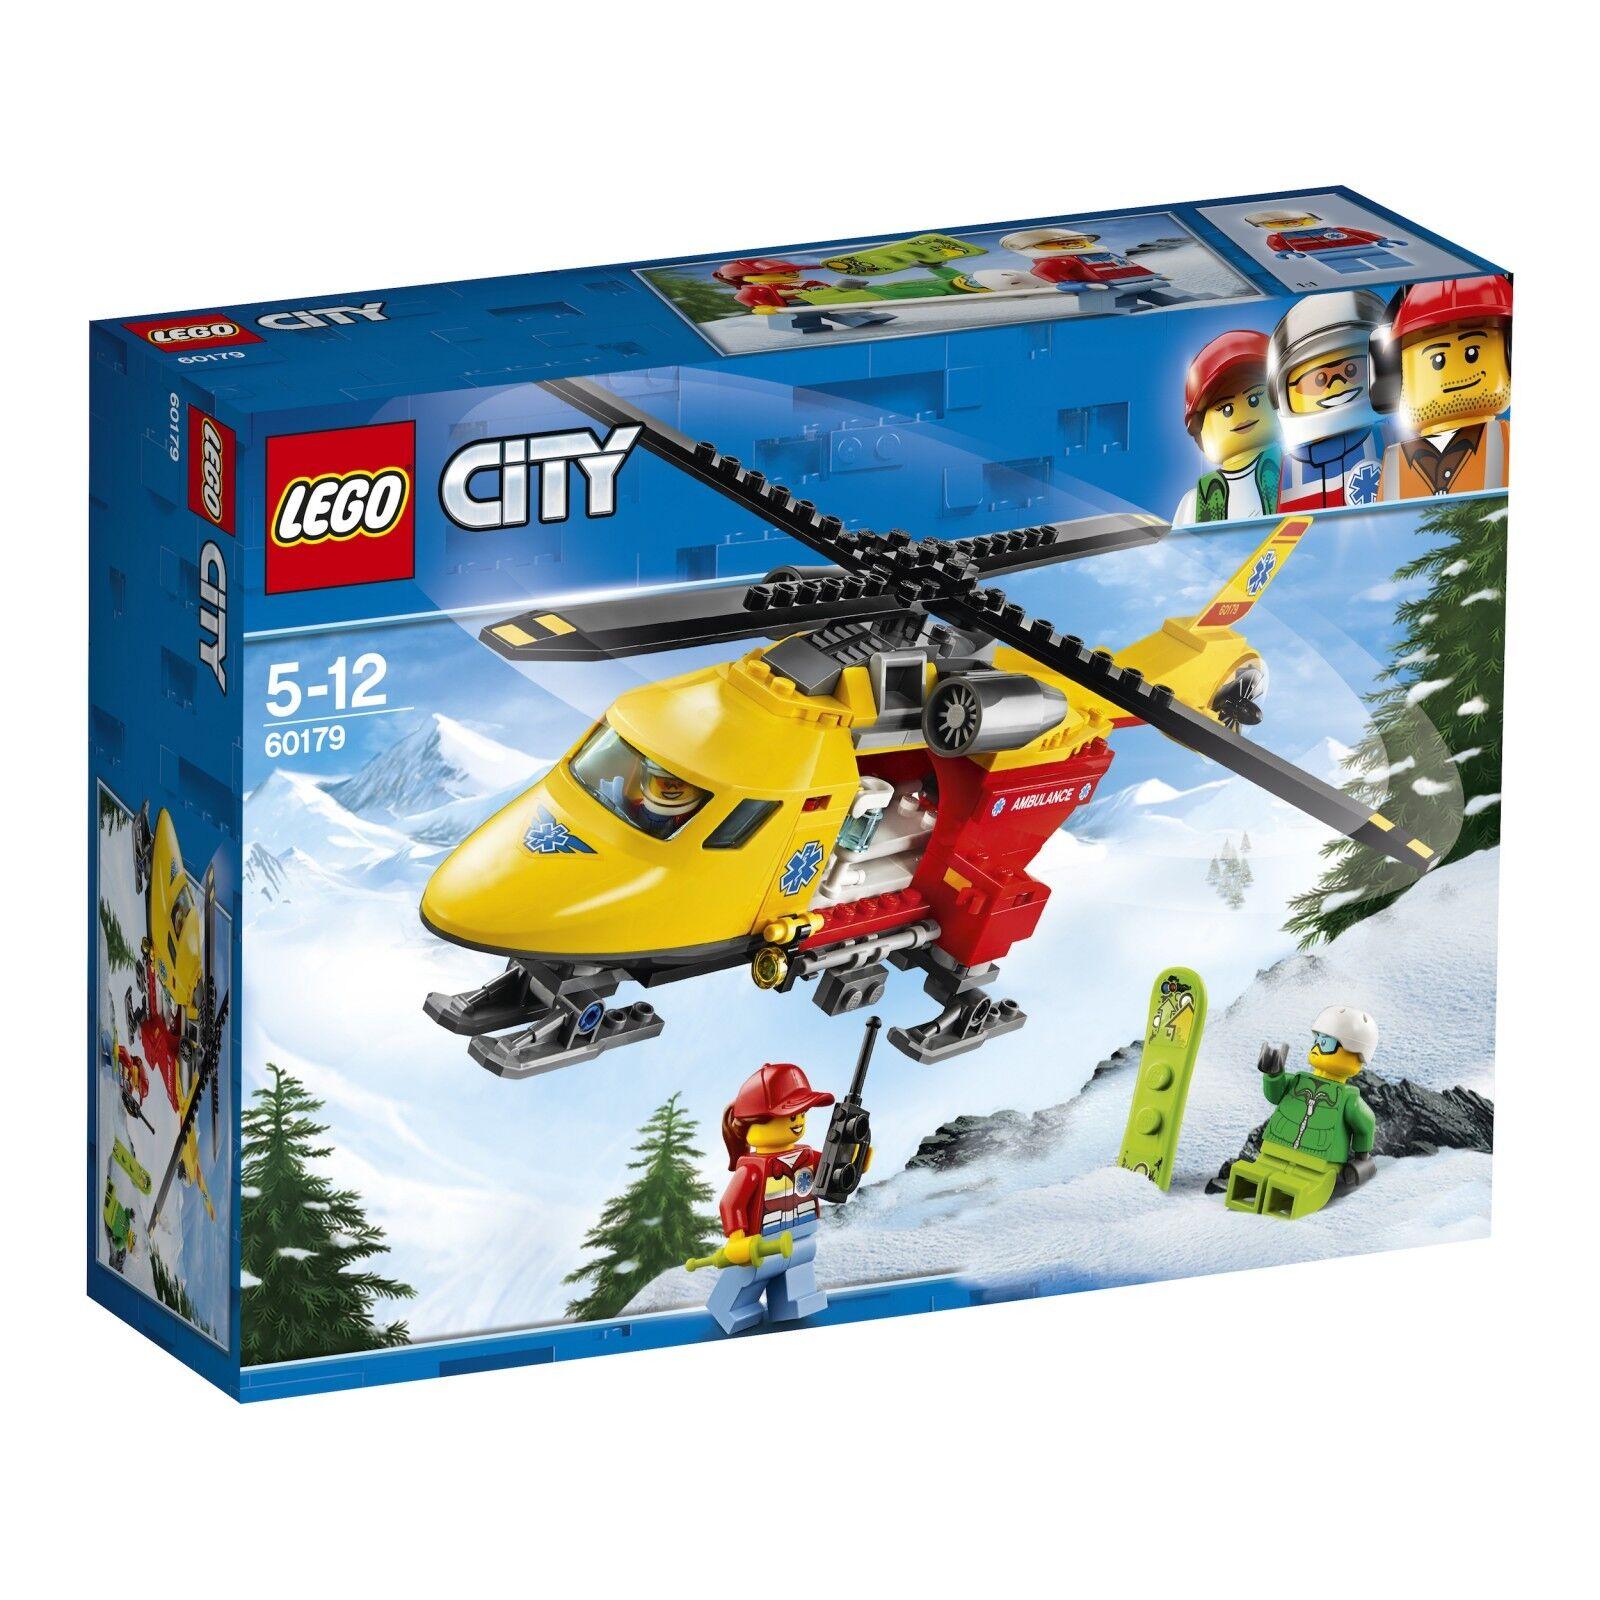 LEGO ® City 60179 hélicoptère de sauvetage NOUVEAU neuf dans sa boîte _ AMBULANCE Helicopter NEW En parfait état, dans sa boîte scellée Boîte d'origine jamais ouverte